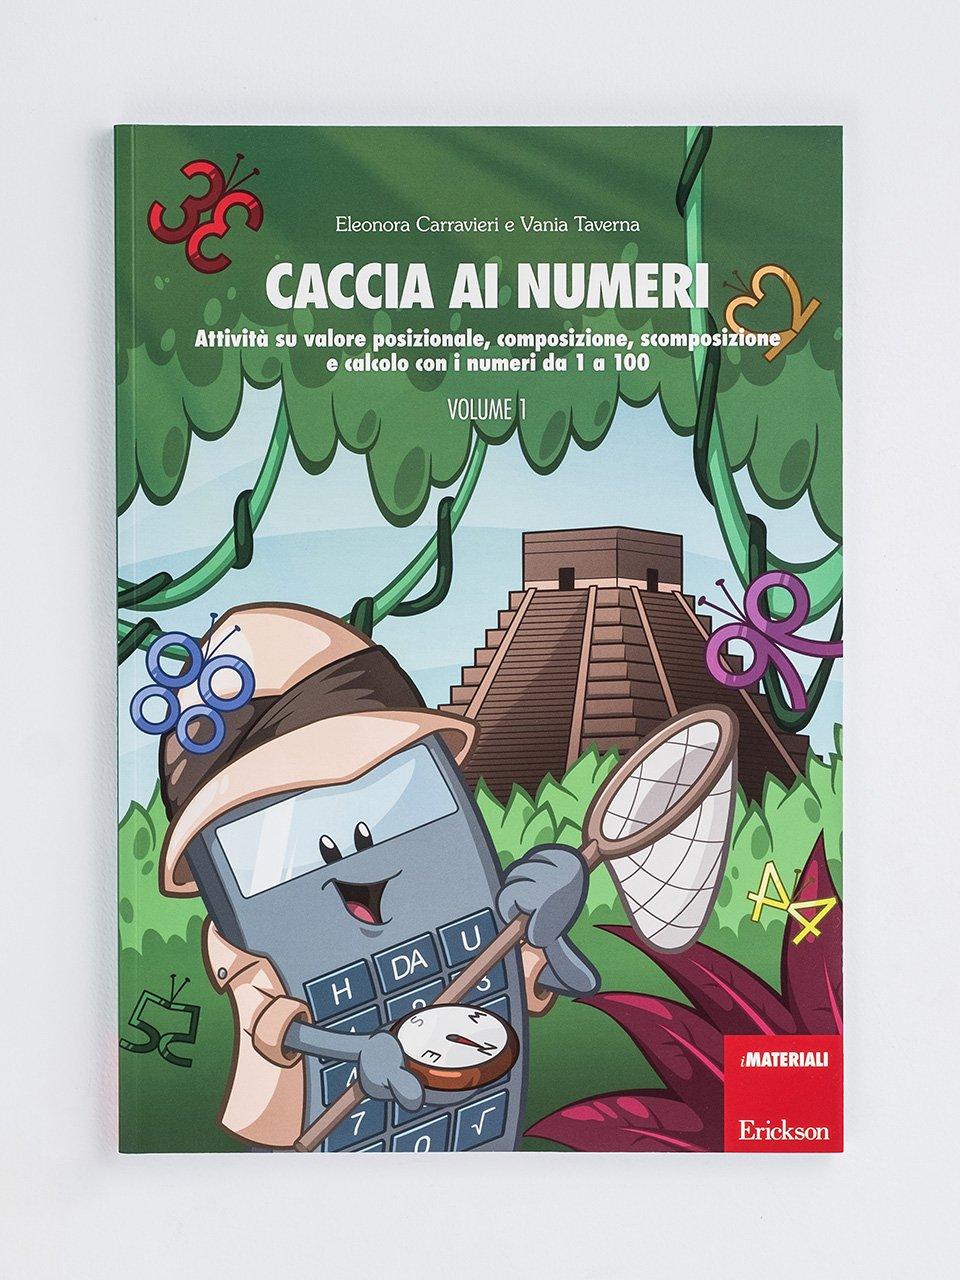 Caccia ai numeri - Volume 1 - Test ABCA - Abilità di calcolo aritmetico - Libri - Erickson